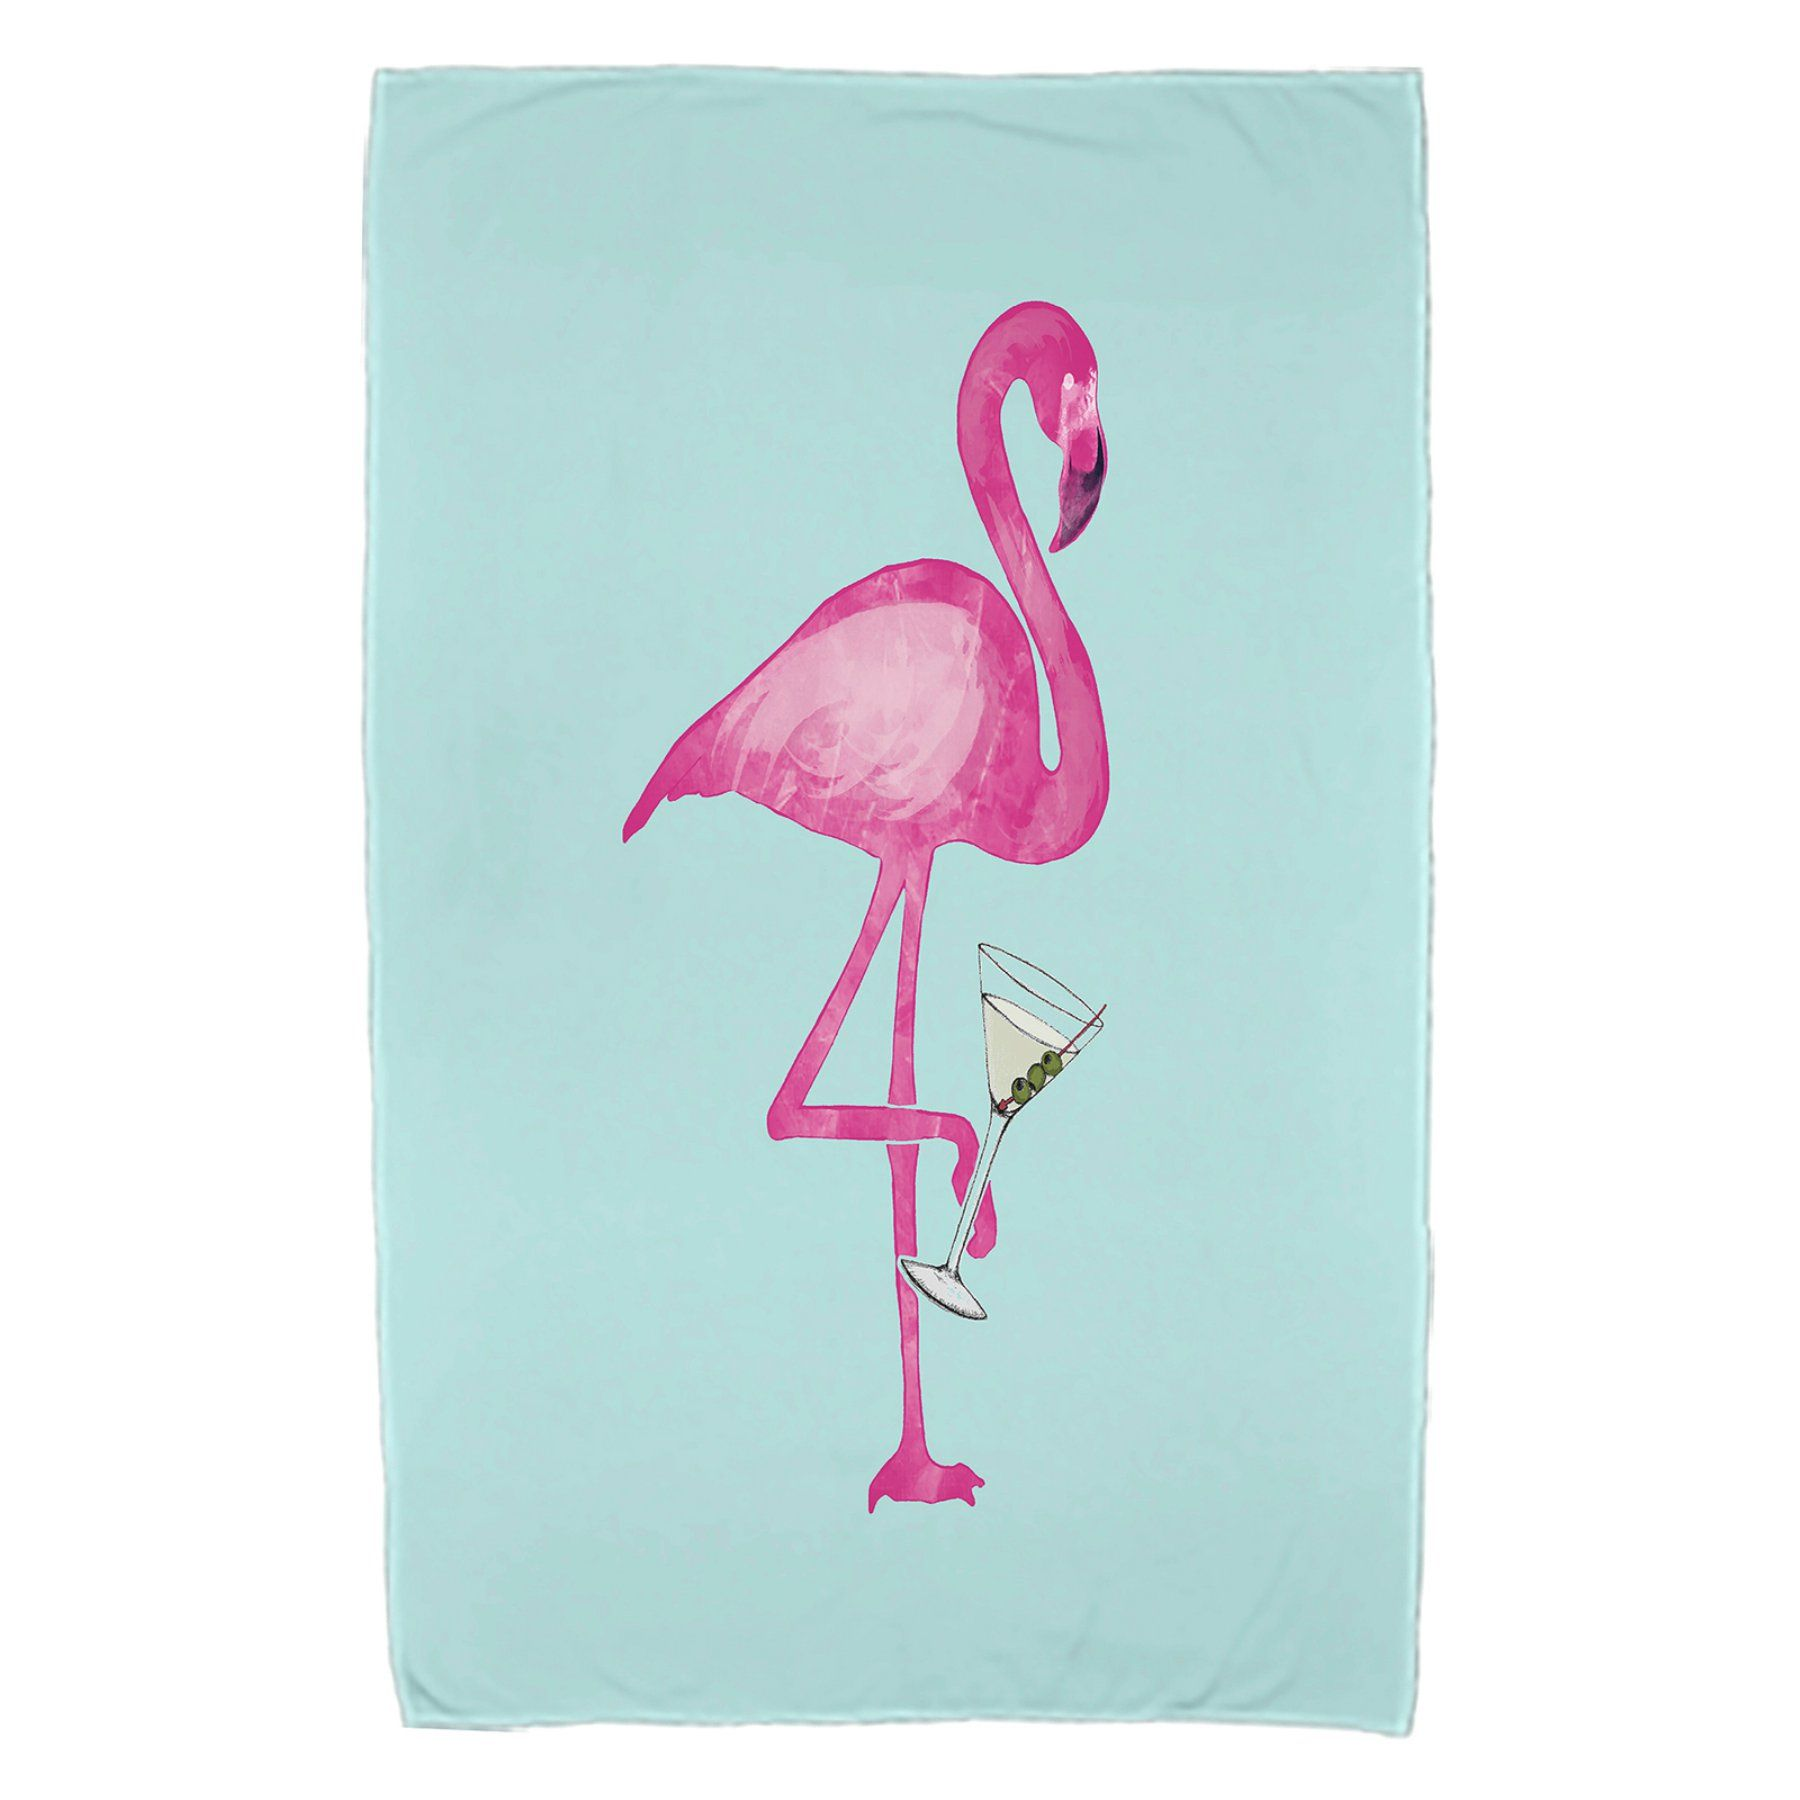 E By Design Single Flamingo Print Beach Towel Beach Towel